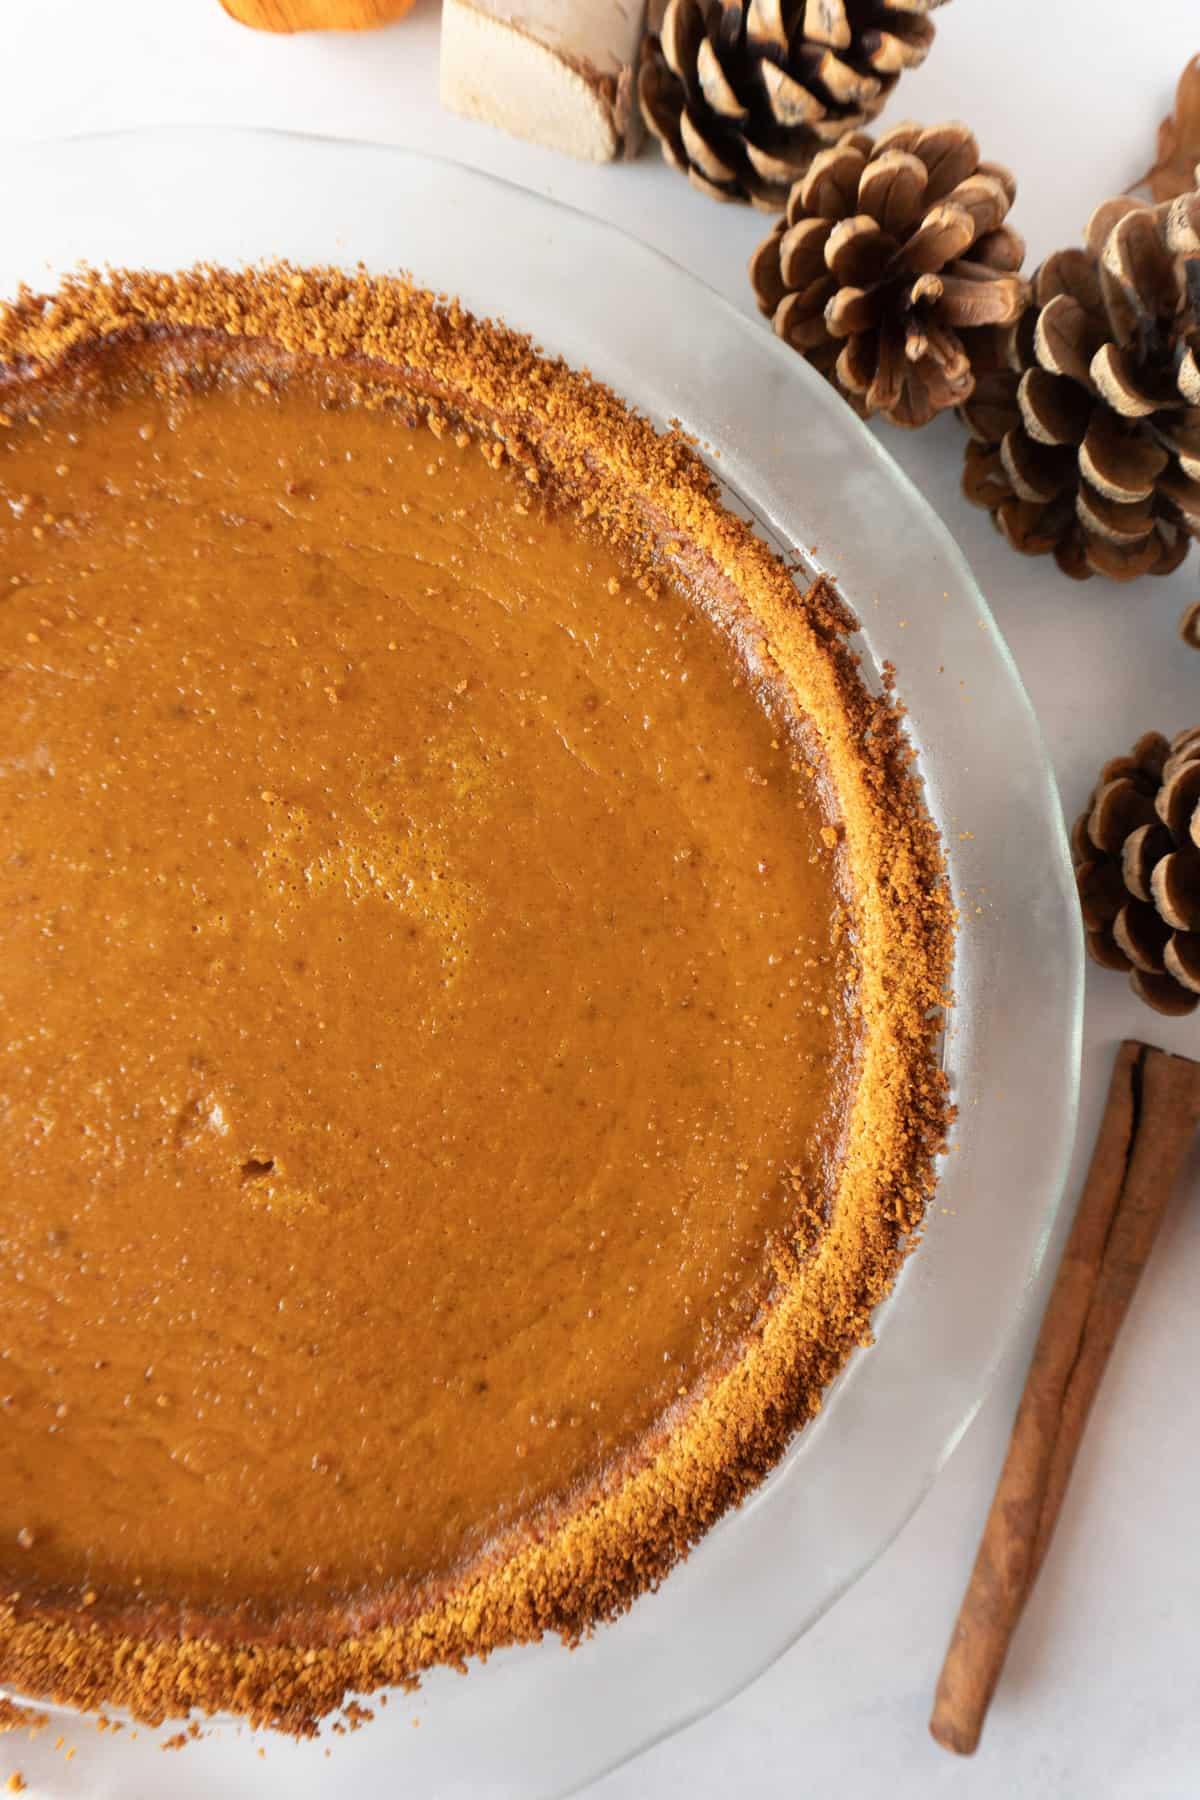 pumpkin pie in pie dish